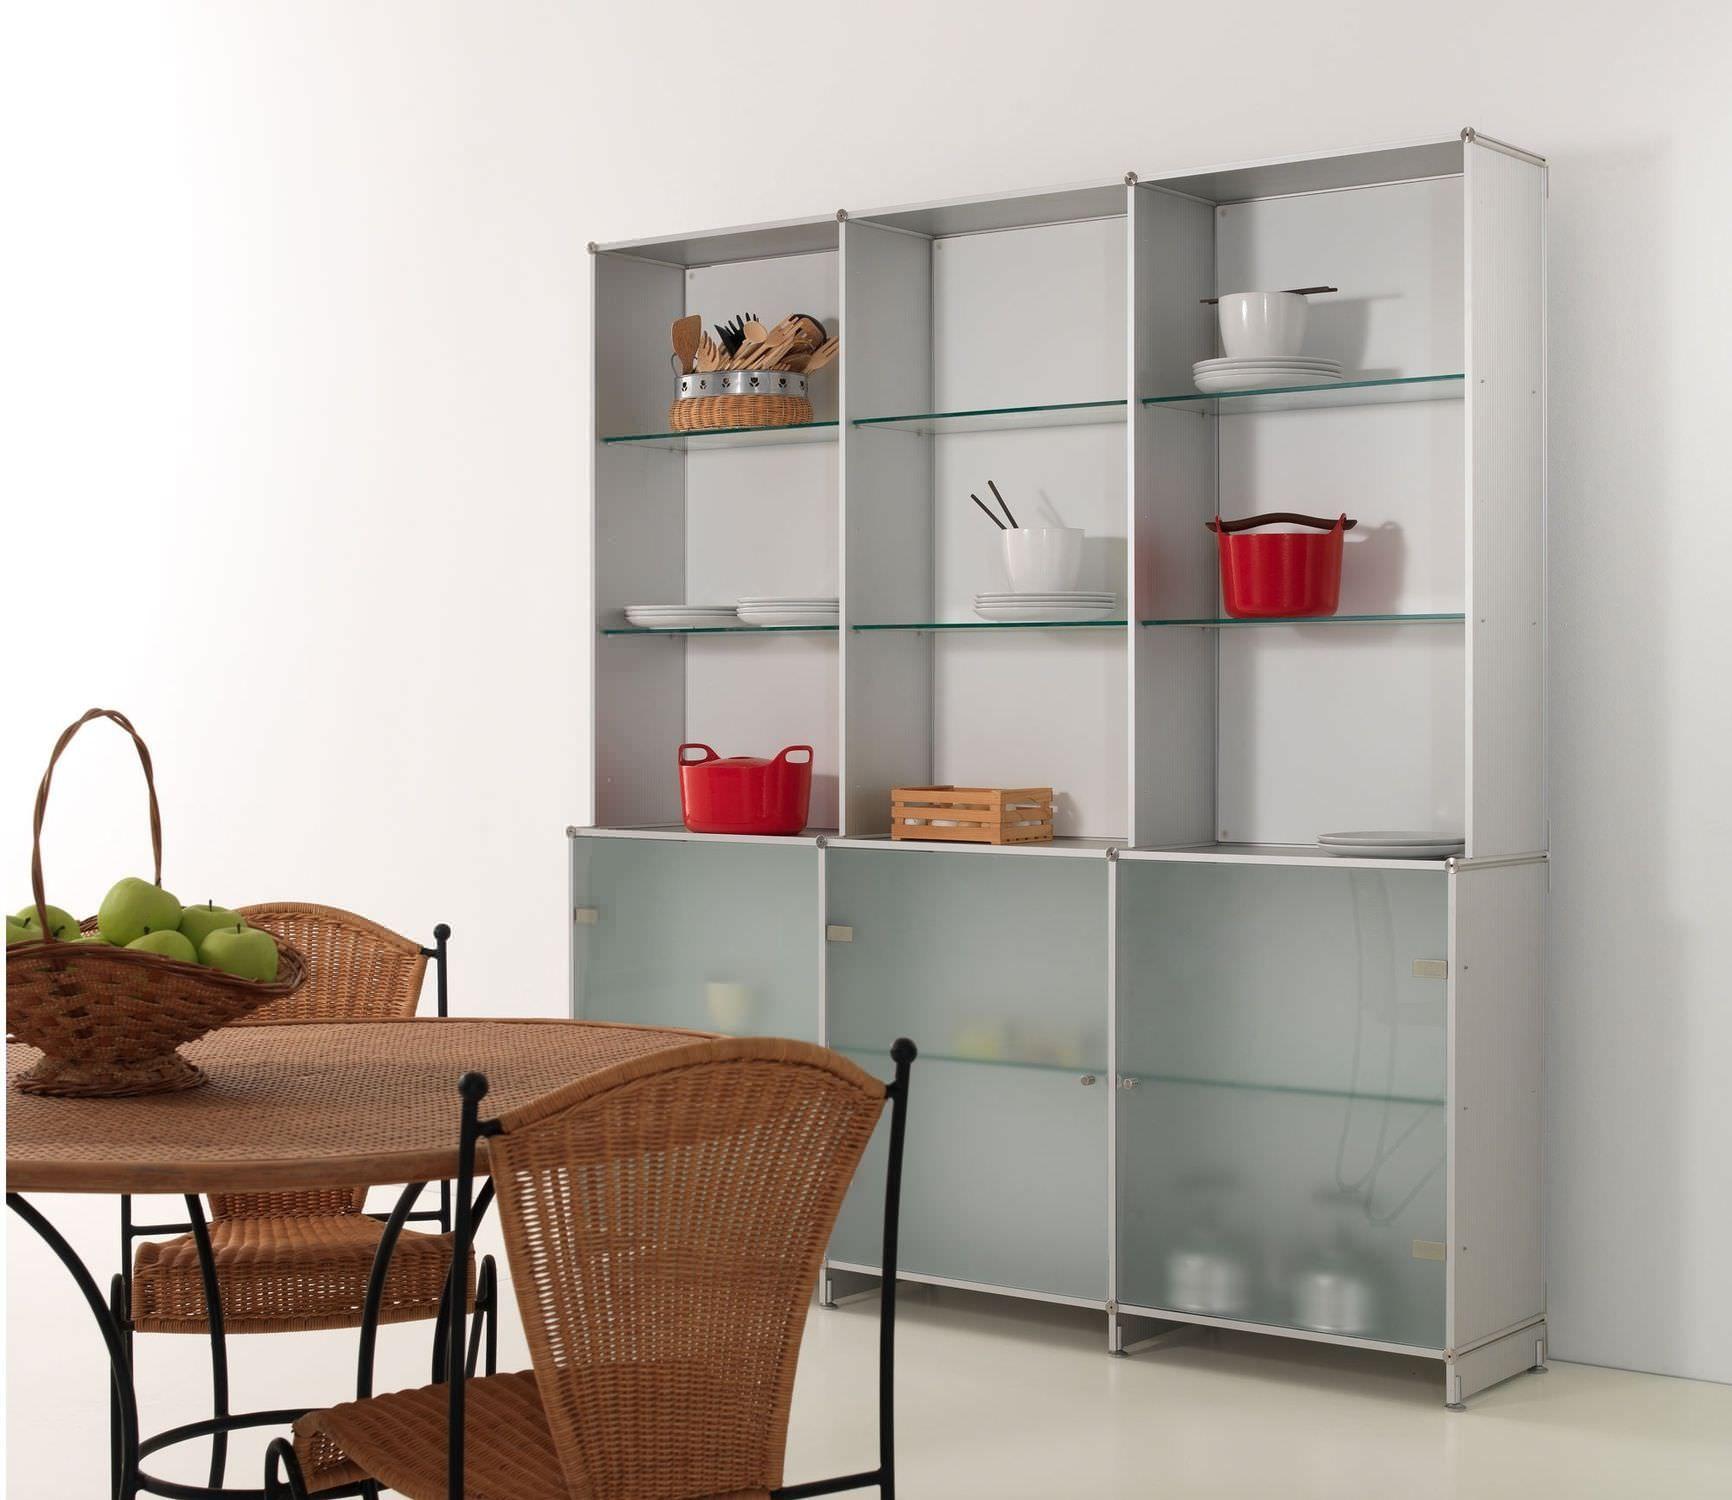 Impressionnant etagere cuisine d coration fran aise bookcase home decor furniture - Etagere de cuisine ...